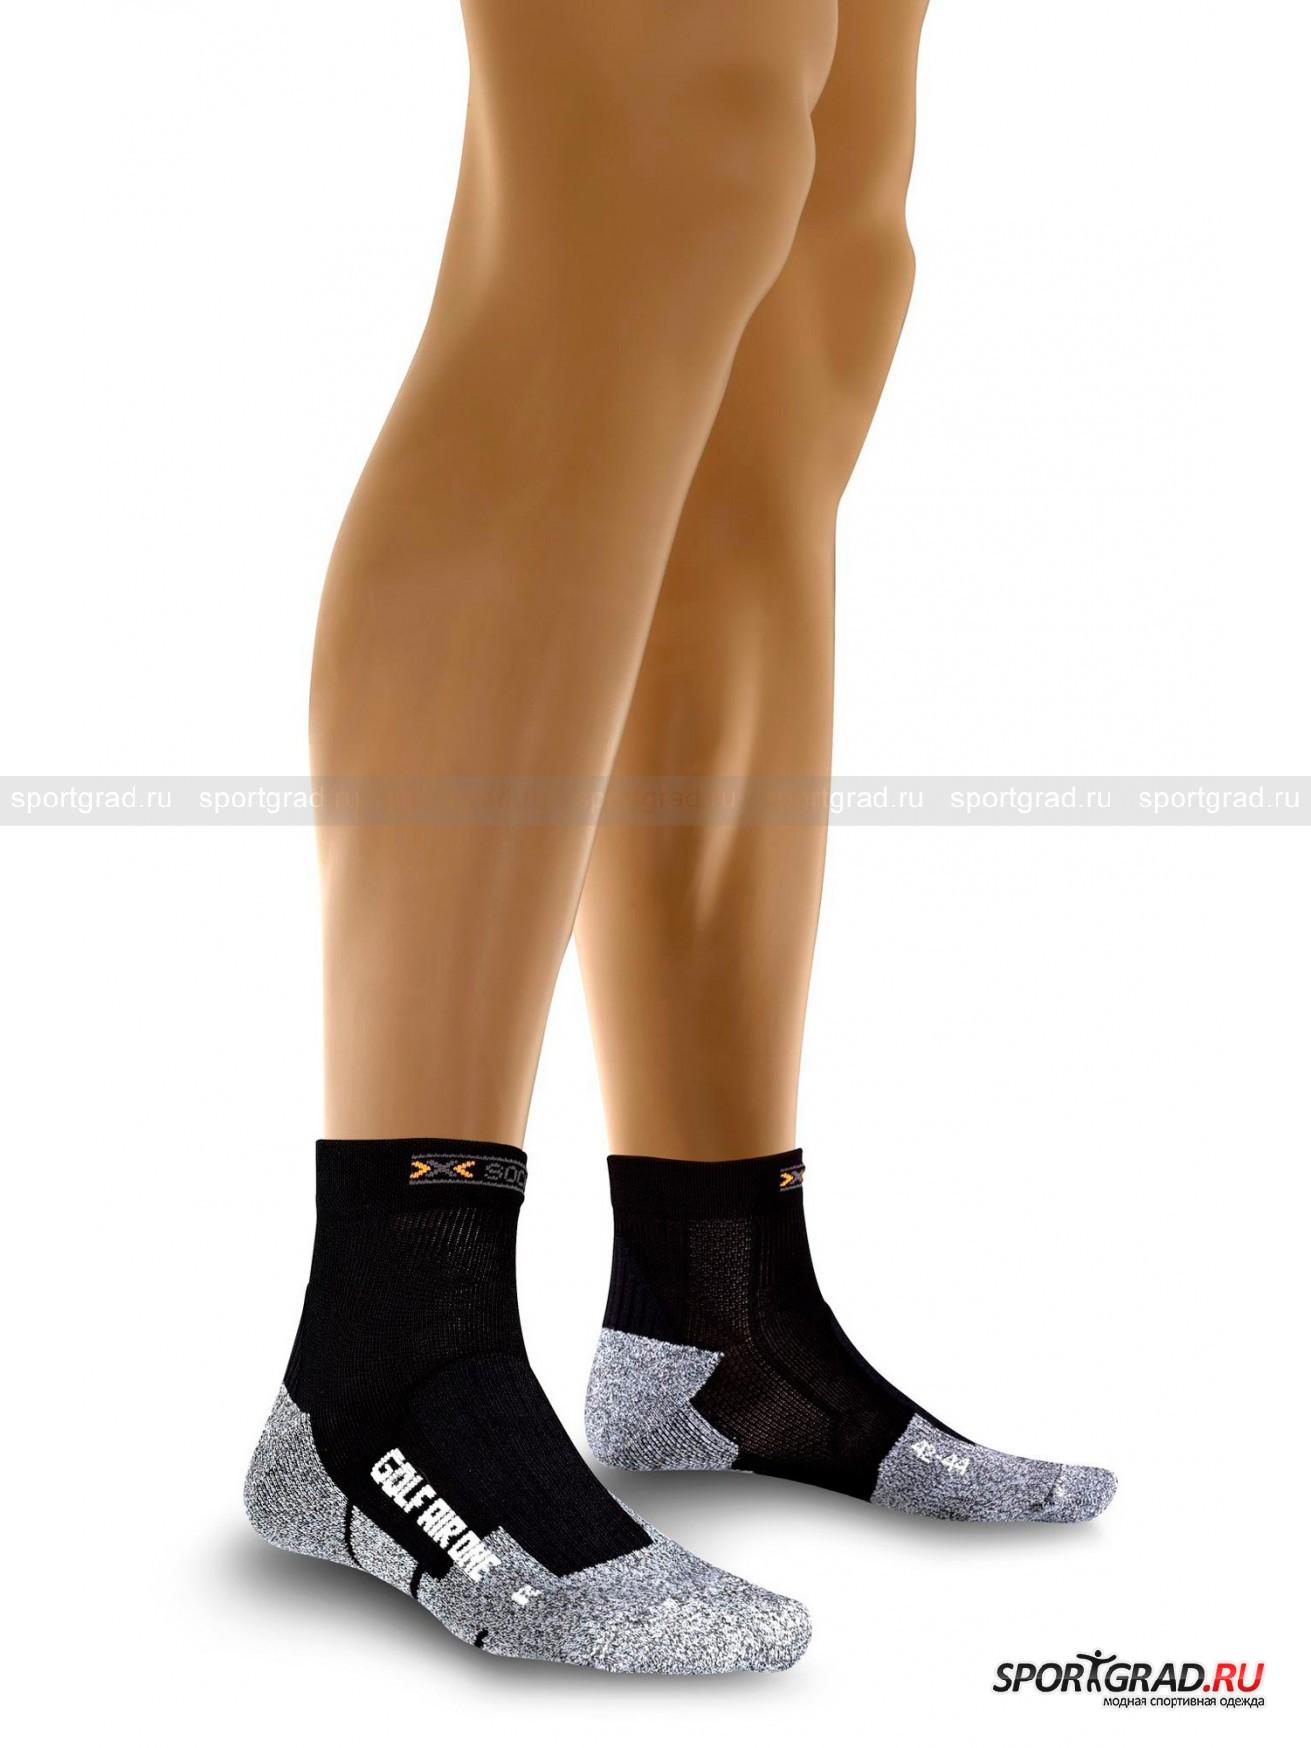 Термоноски унис  гольф Golf Air one X-SOCKSНоски<br>Высокотехнологичные носки, защищают от раздражения кожу, снижают риск перегрева ноги, предотвращают трения и натирание. Система вентиляции поддерживает комфортную температуру стопы, а также стопа анатомической формы защитит и поддержит Вашу ногу даже на твердой подошве. Теморегулирующие волокна способствуют отводу влаги от кожи. Обеспечивают комфортом, теплом и сухостью ноги в течении длительного времени тренировок.<br>*Данная модель предназначена для игры в гольф.<br><br>Возраст: Взрослый<br>Тип: Носки<br>Рекомендации по уходу: Дел.стирка 40Гр, Б/отбеливат. Запрещено:гладить, Химчистка, Сушка В Ст/маш<br>Состав: 68% Нейлон 15% Хлопок 11% Полипр 6% Эласт